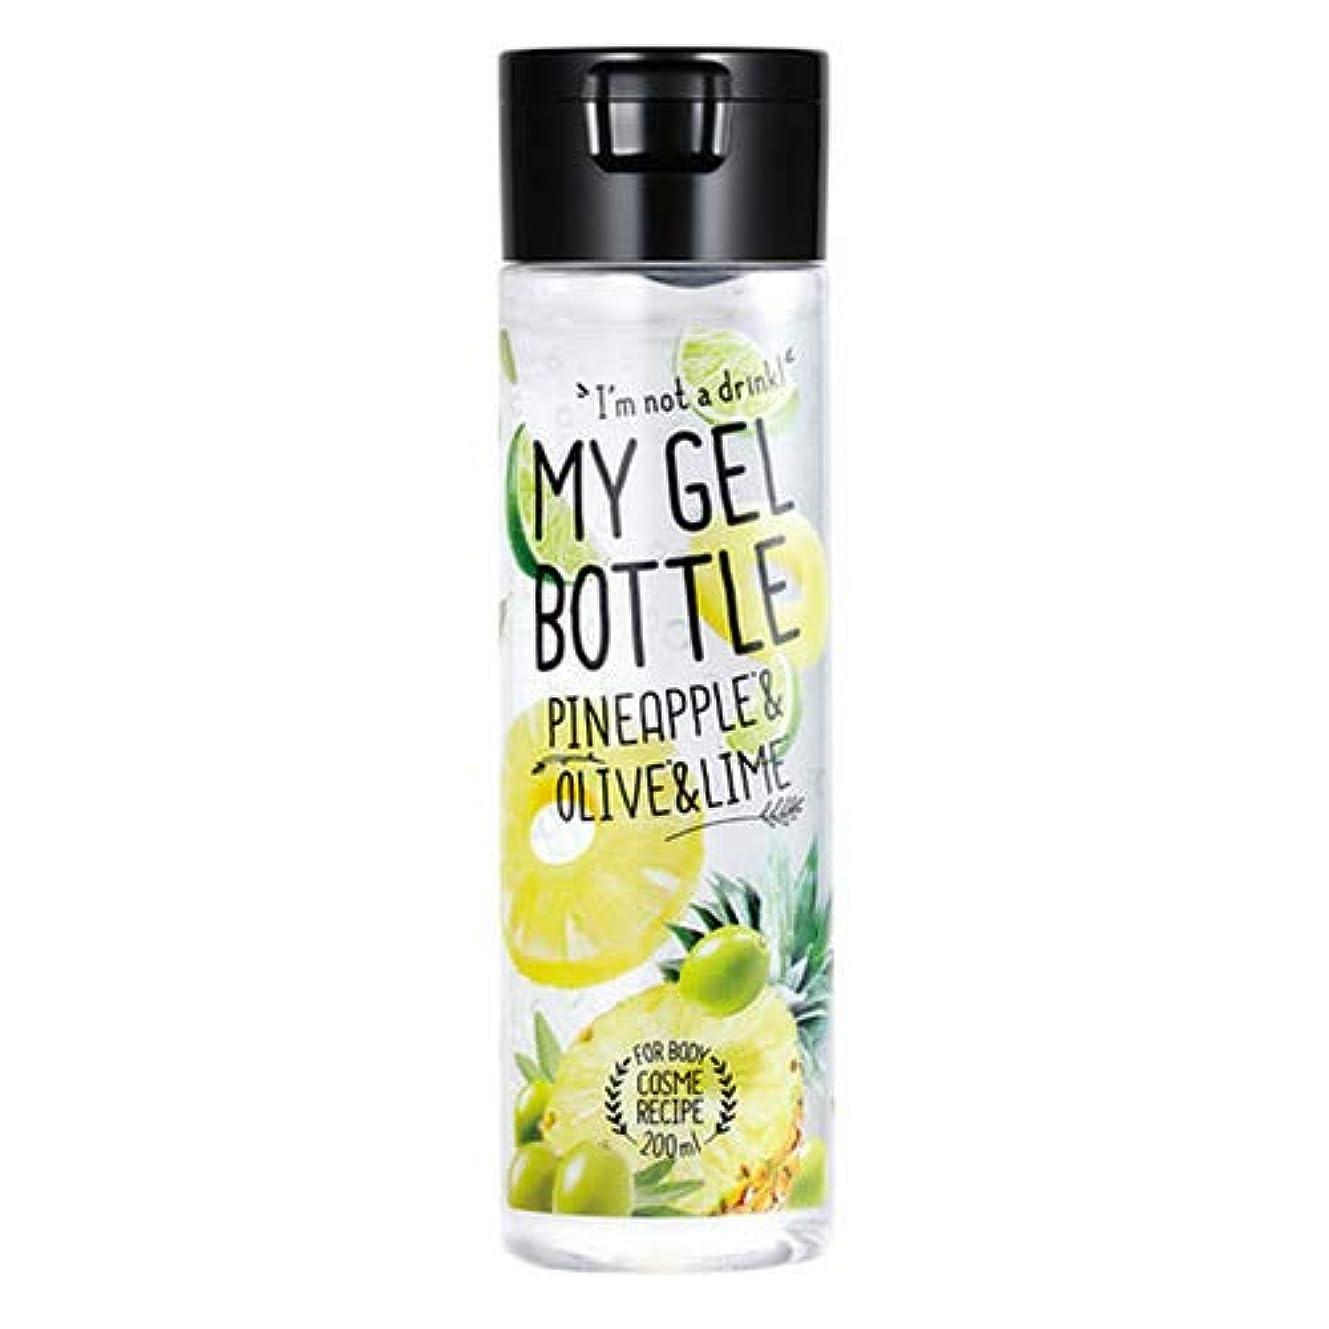 加速する喉が渇いたソーダ水コスメレシピ マイジェルボトル(MY GEL BOTTLE) パイナップル&オリーブ&ライム 200mL